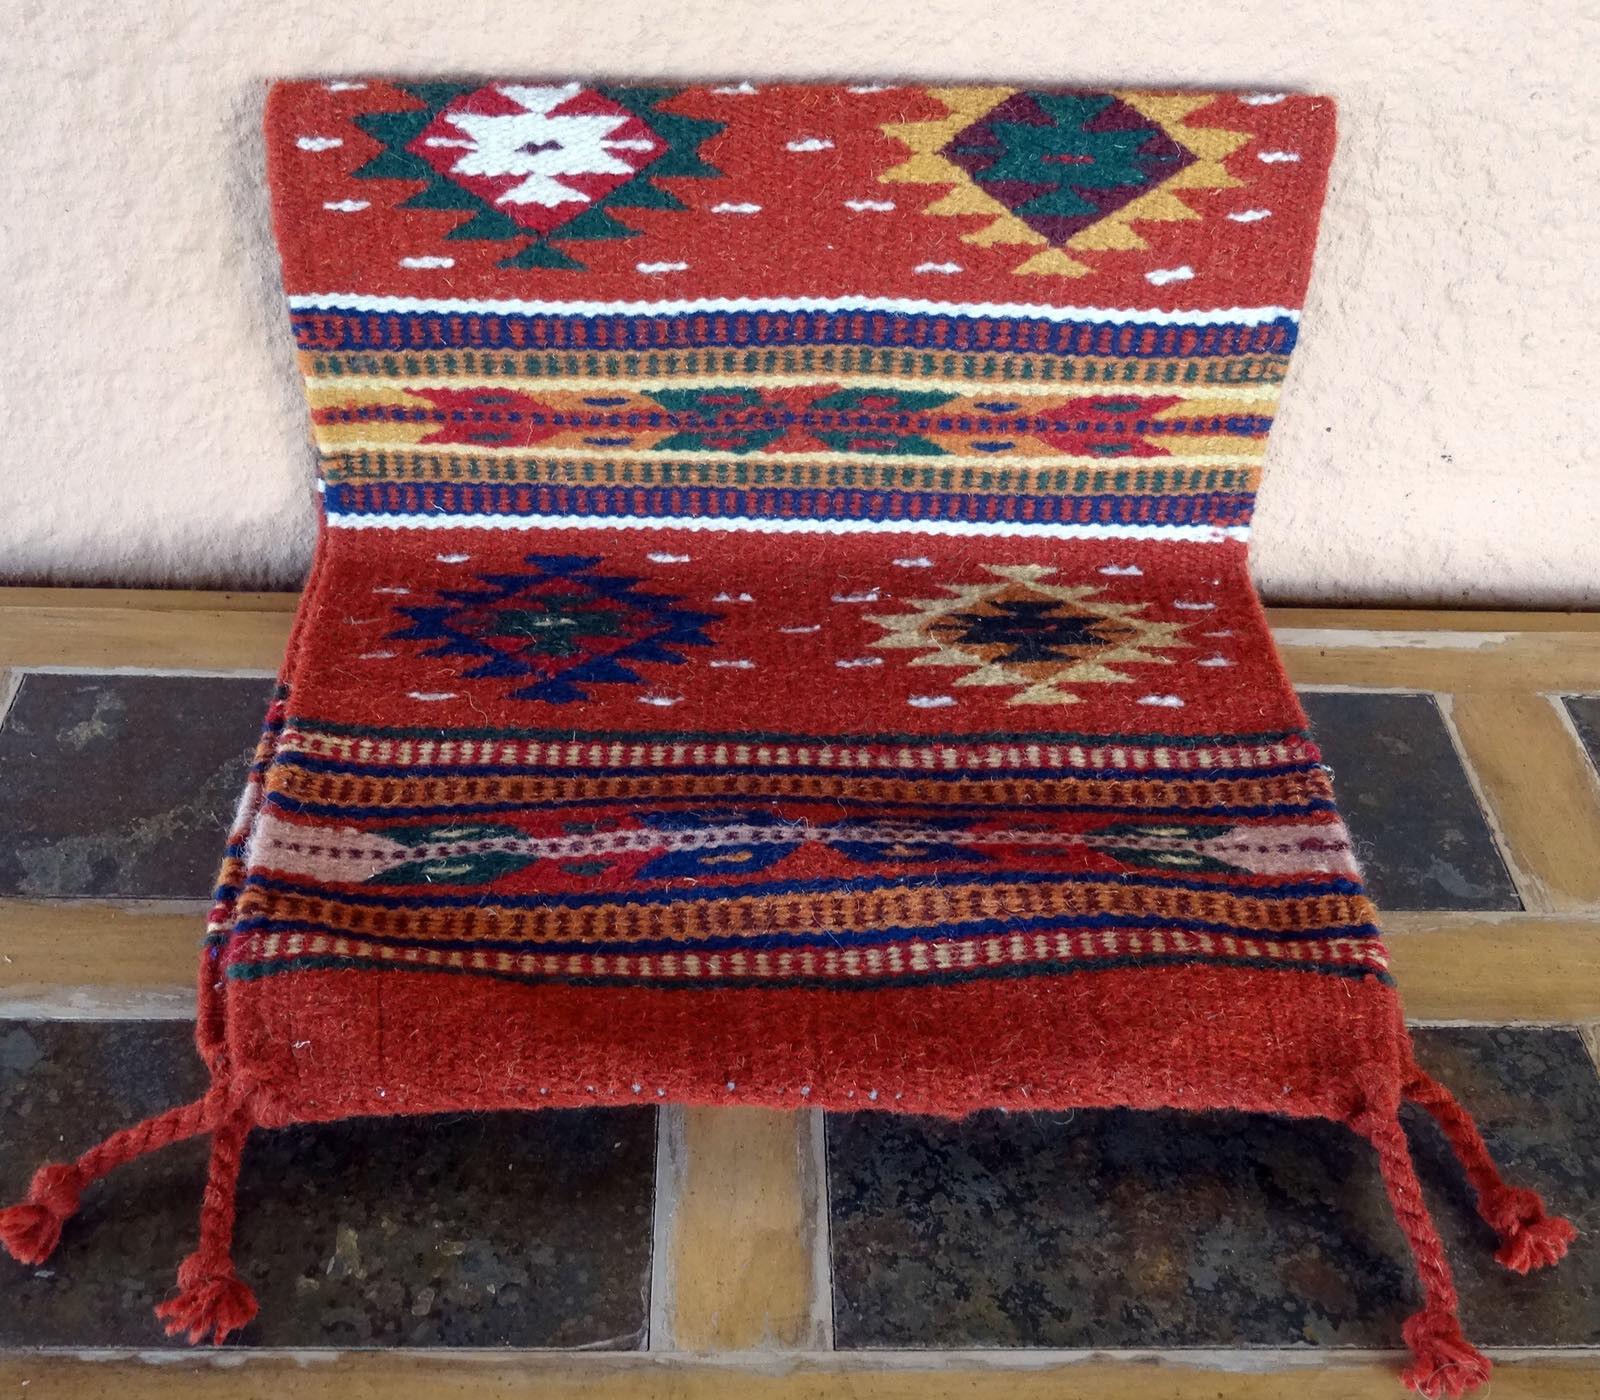 Sud-Ouest Table Runner 37-16X80 tissés à la main au sud-ouest laine motif géométrique